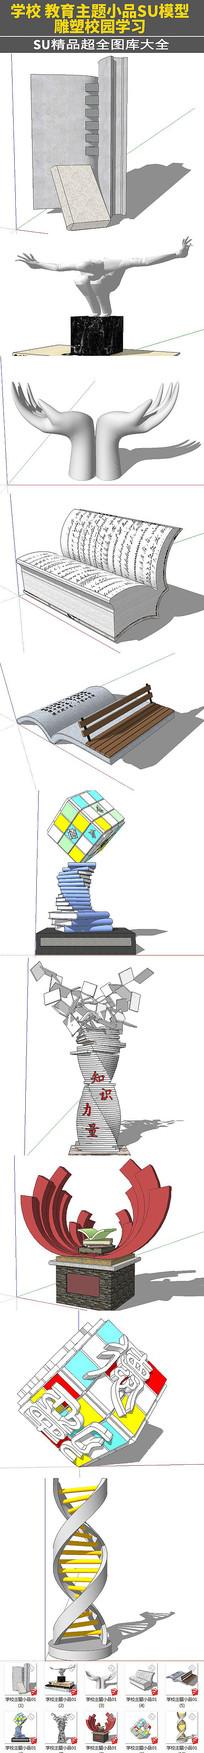 10套学校教育主题小品雕塑SU图集